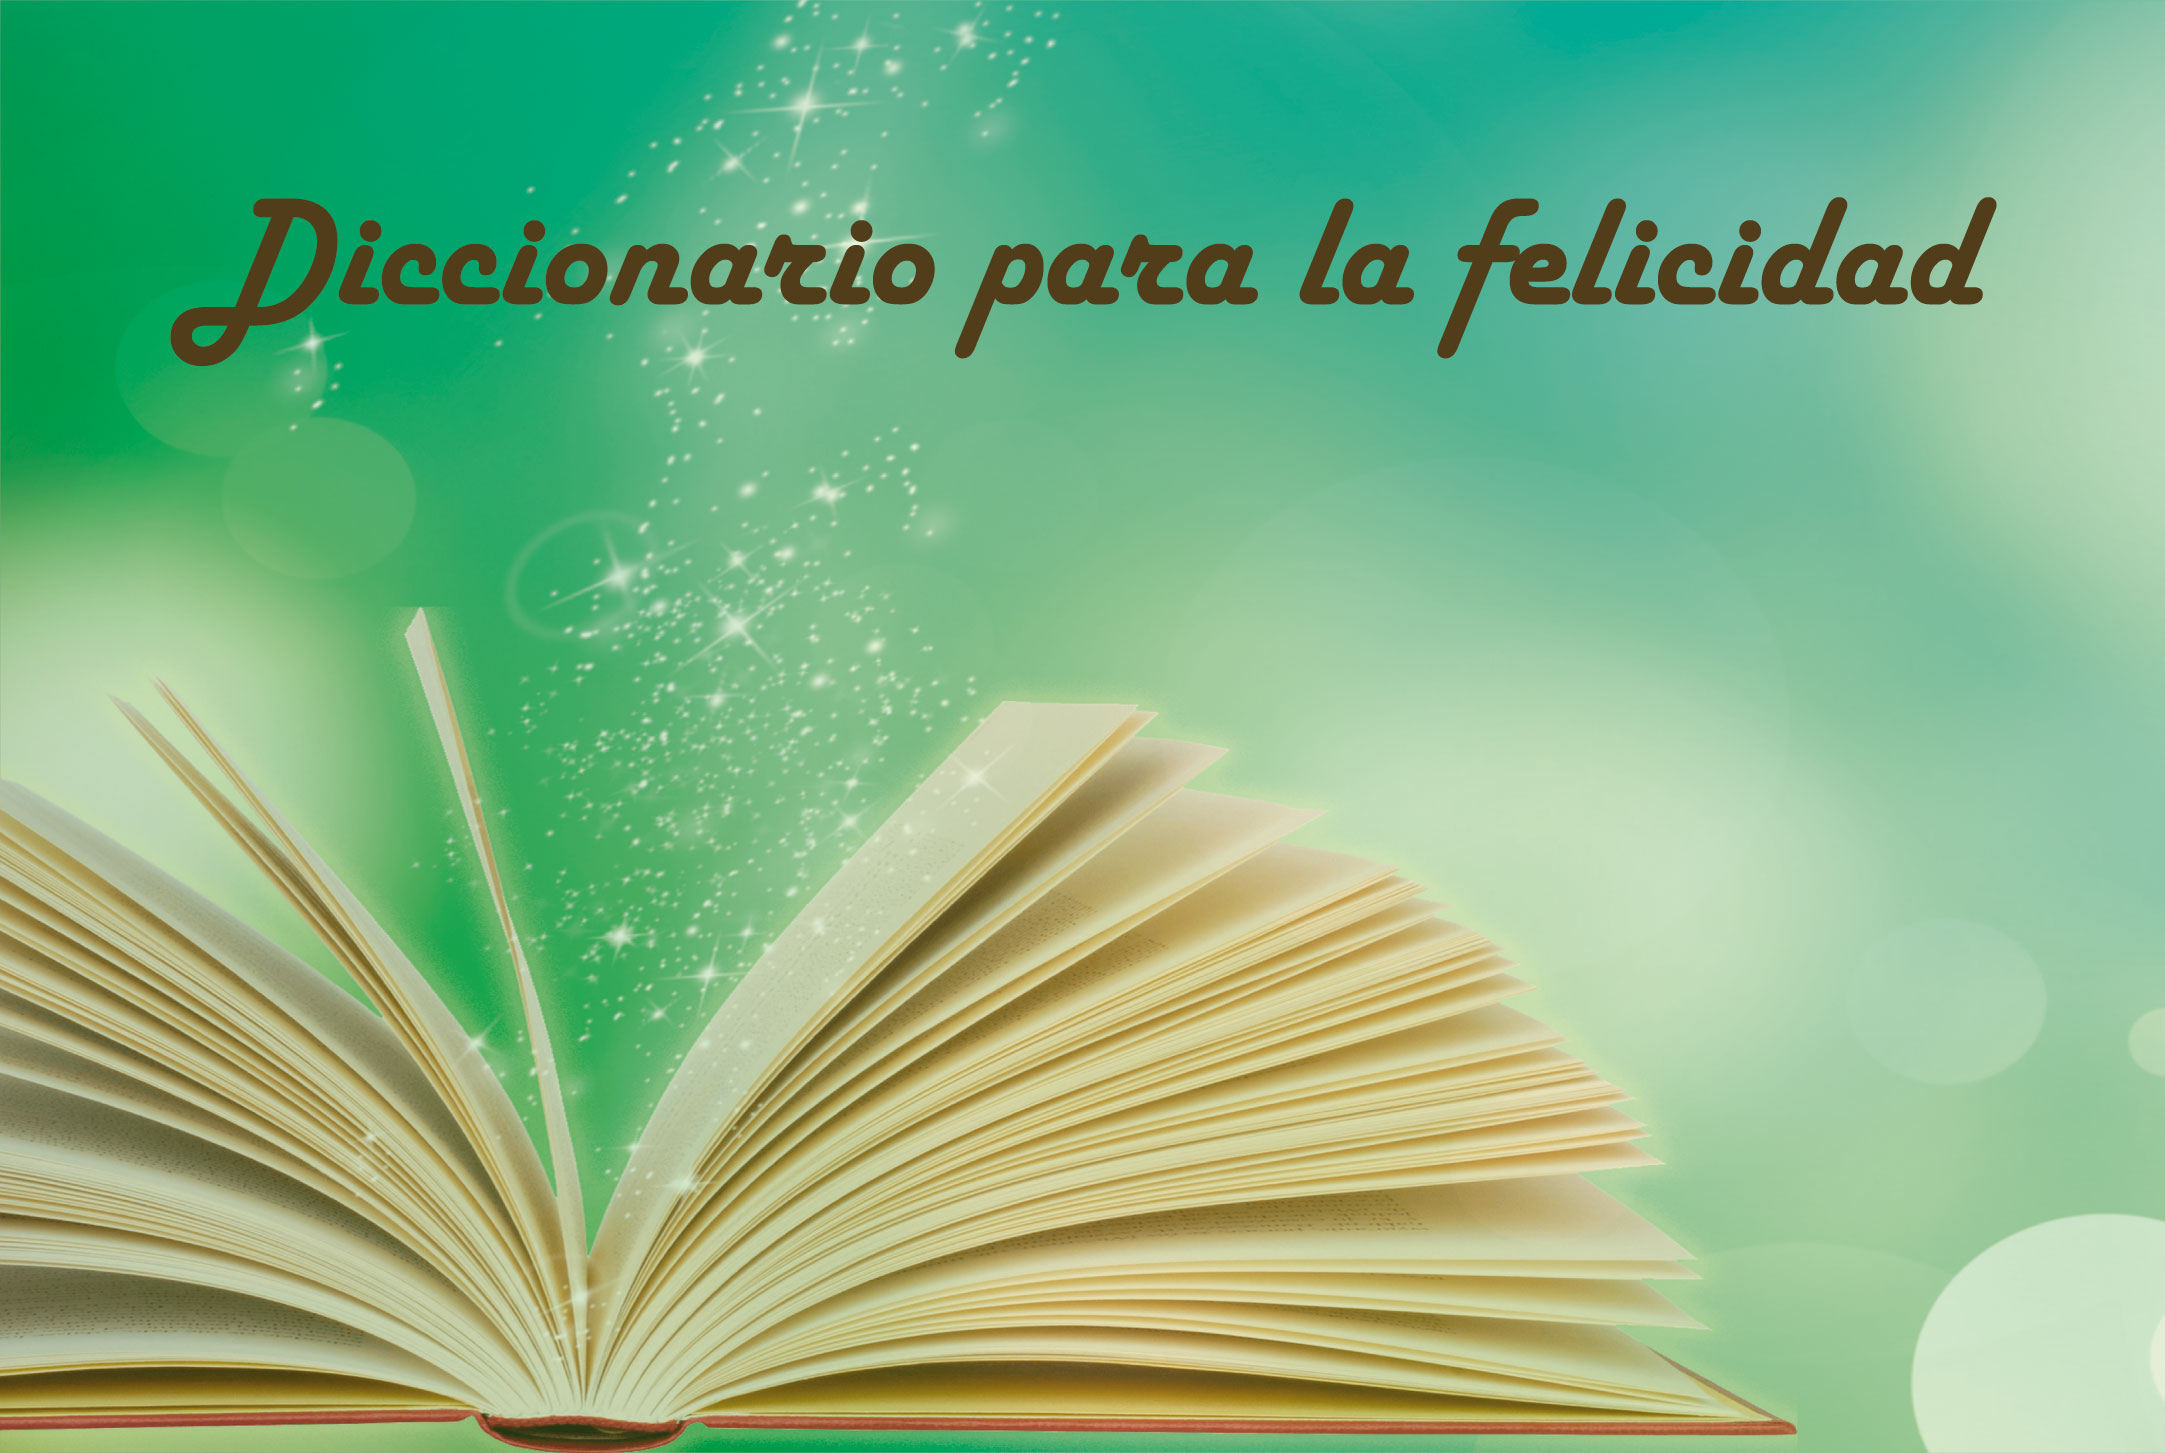 diccionario para la felicidad